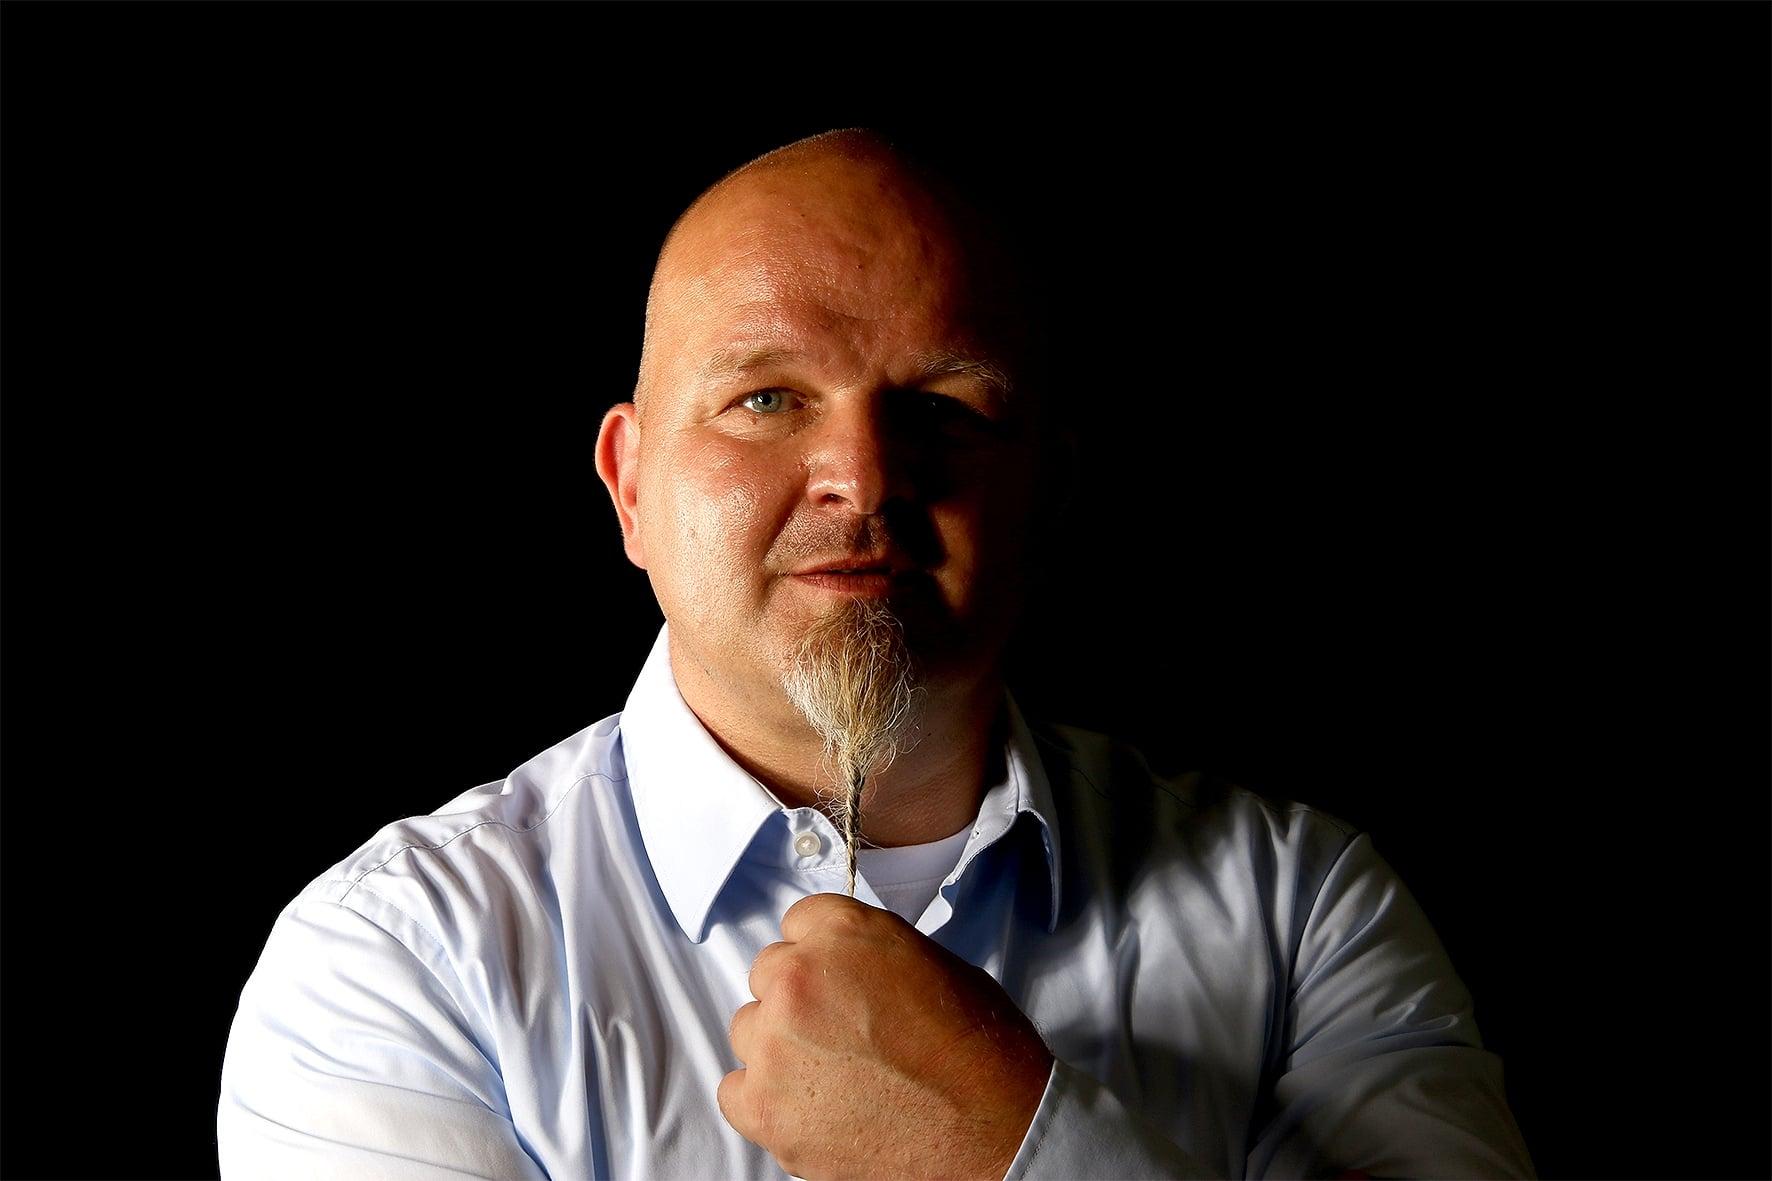 Andreas Ermertz ist dein Hypnoselehrer für ein freies und glückliches Leben